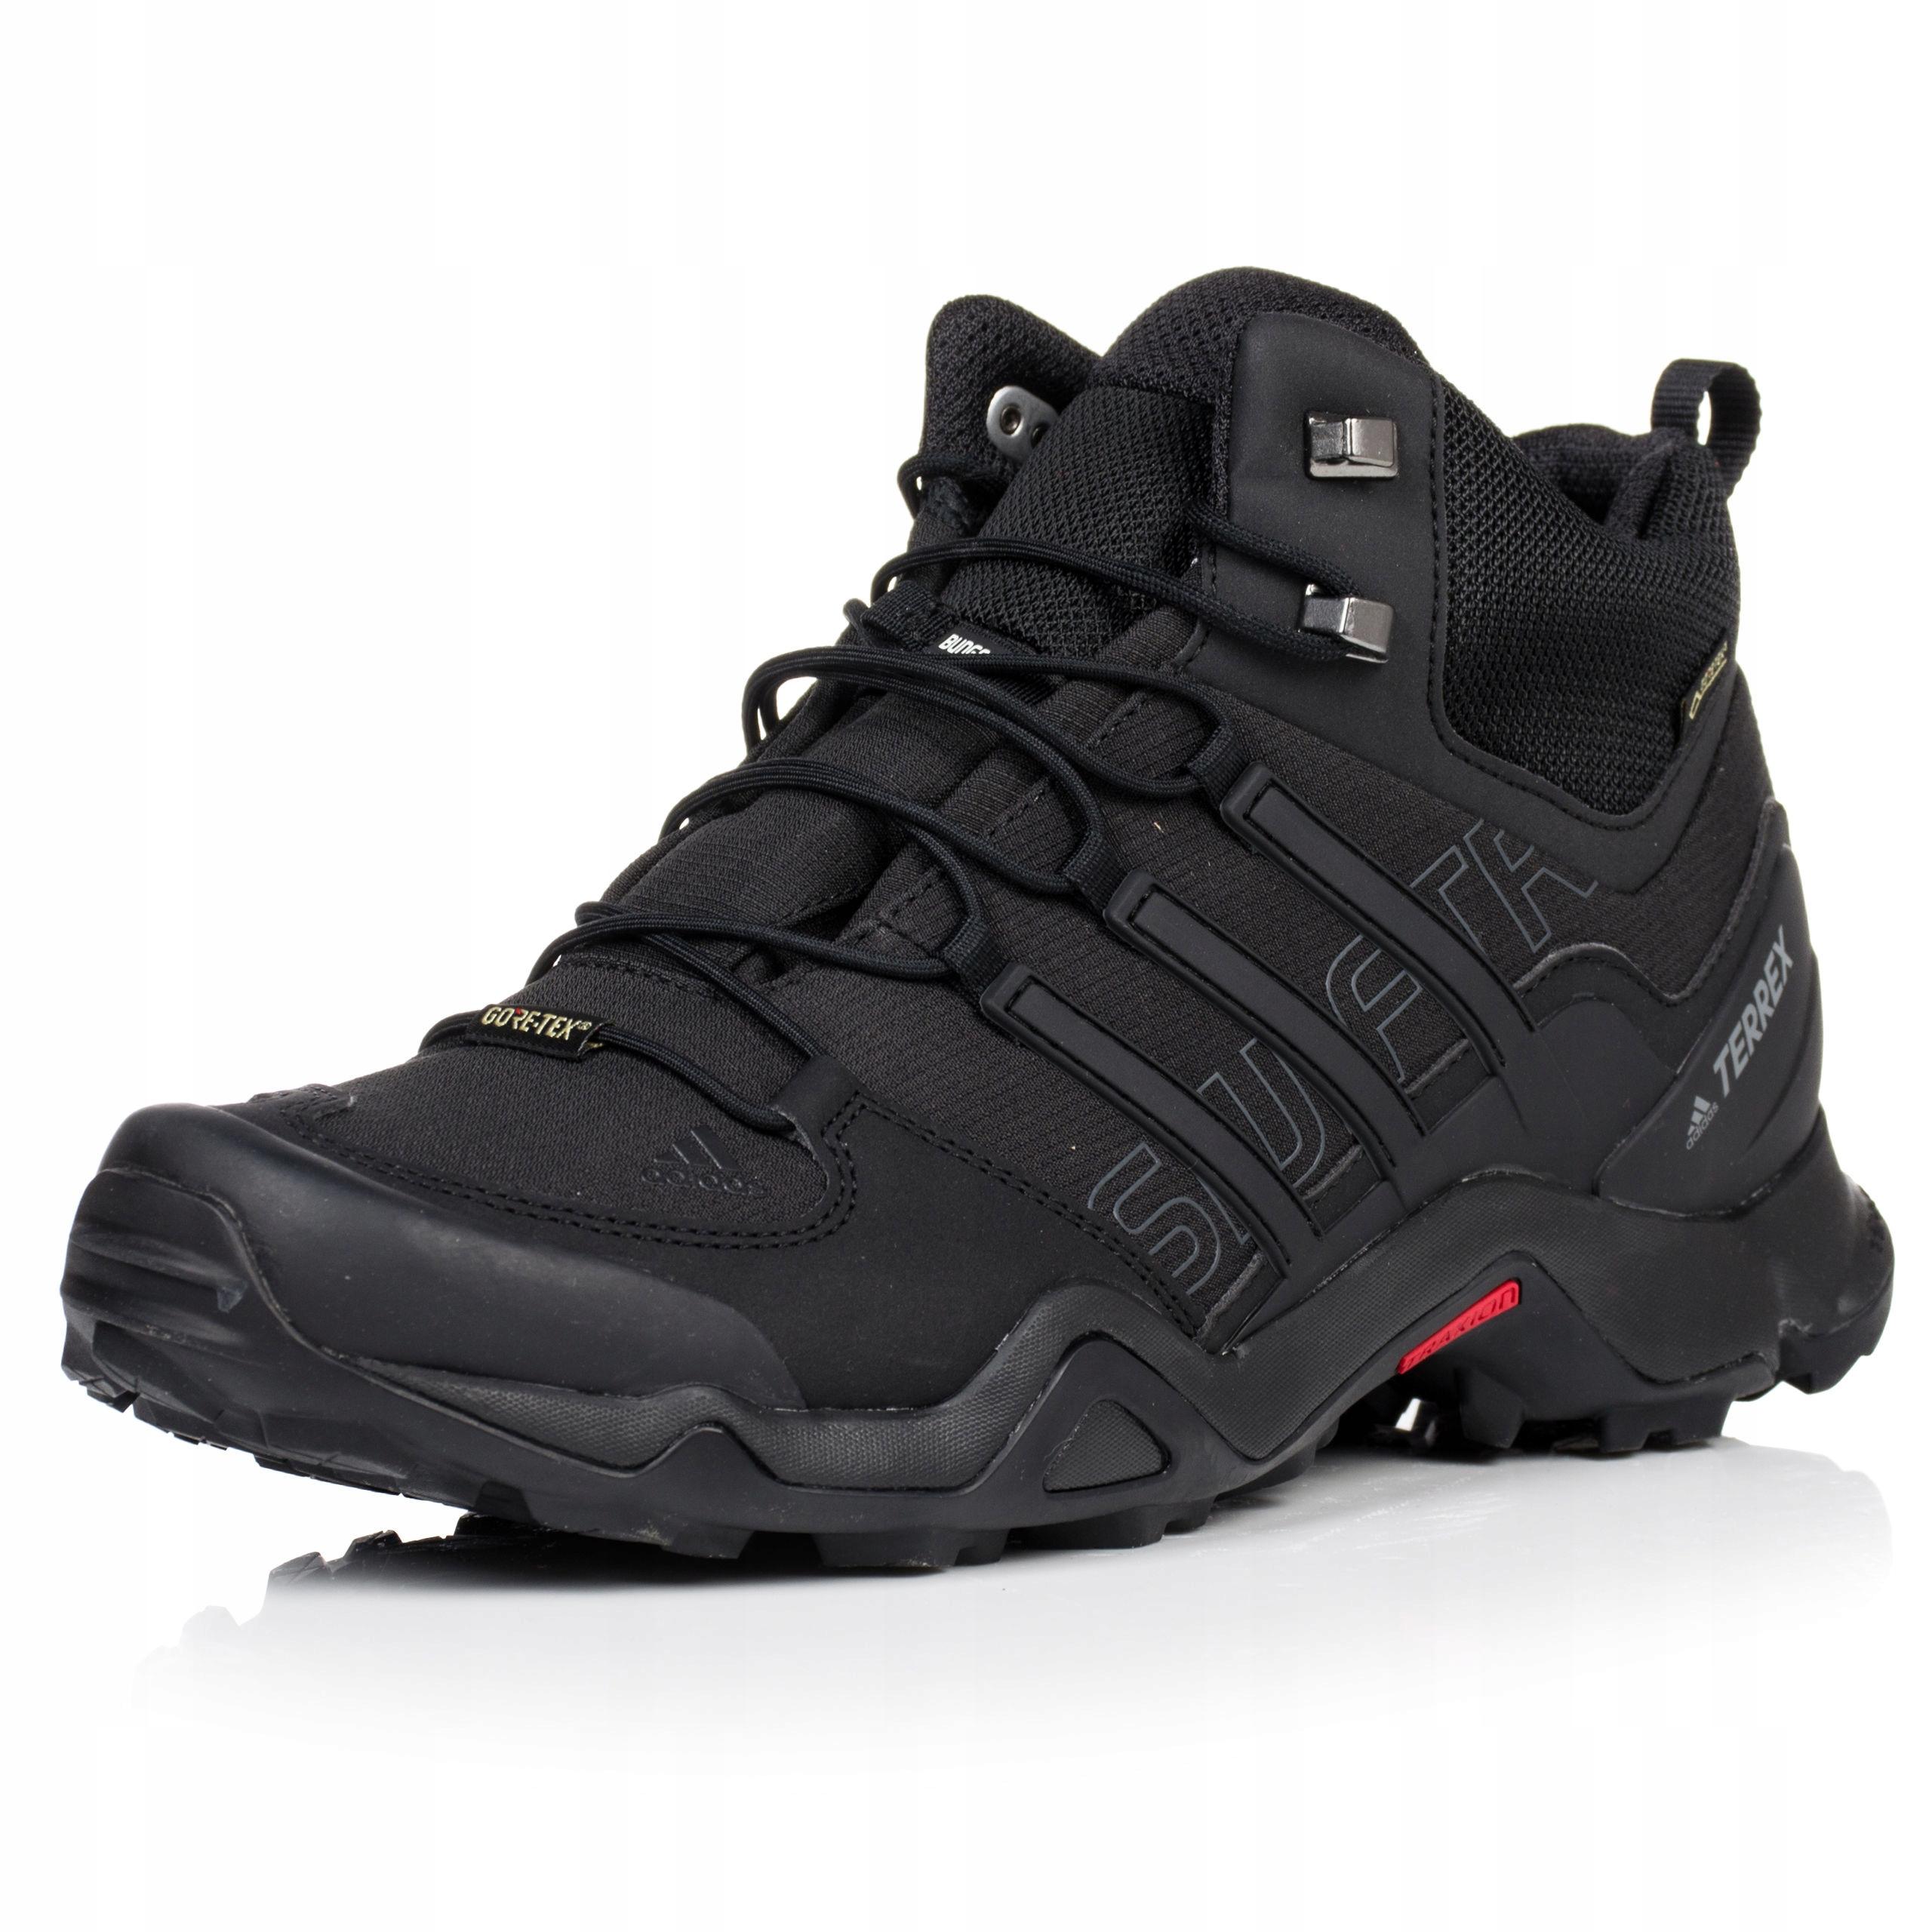 Buty męskie adidas Terrex Swift czarne BB4638 7069830830